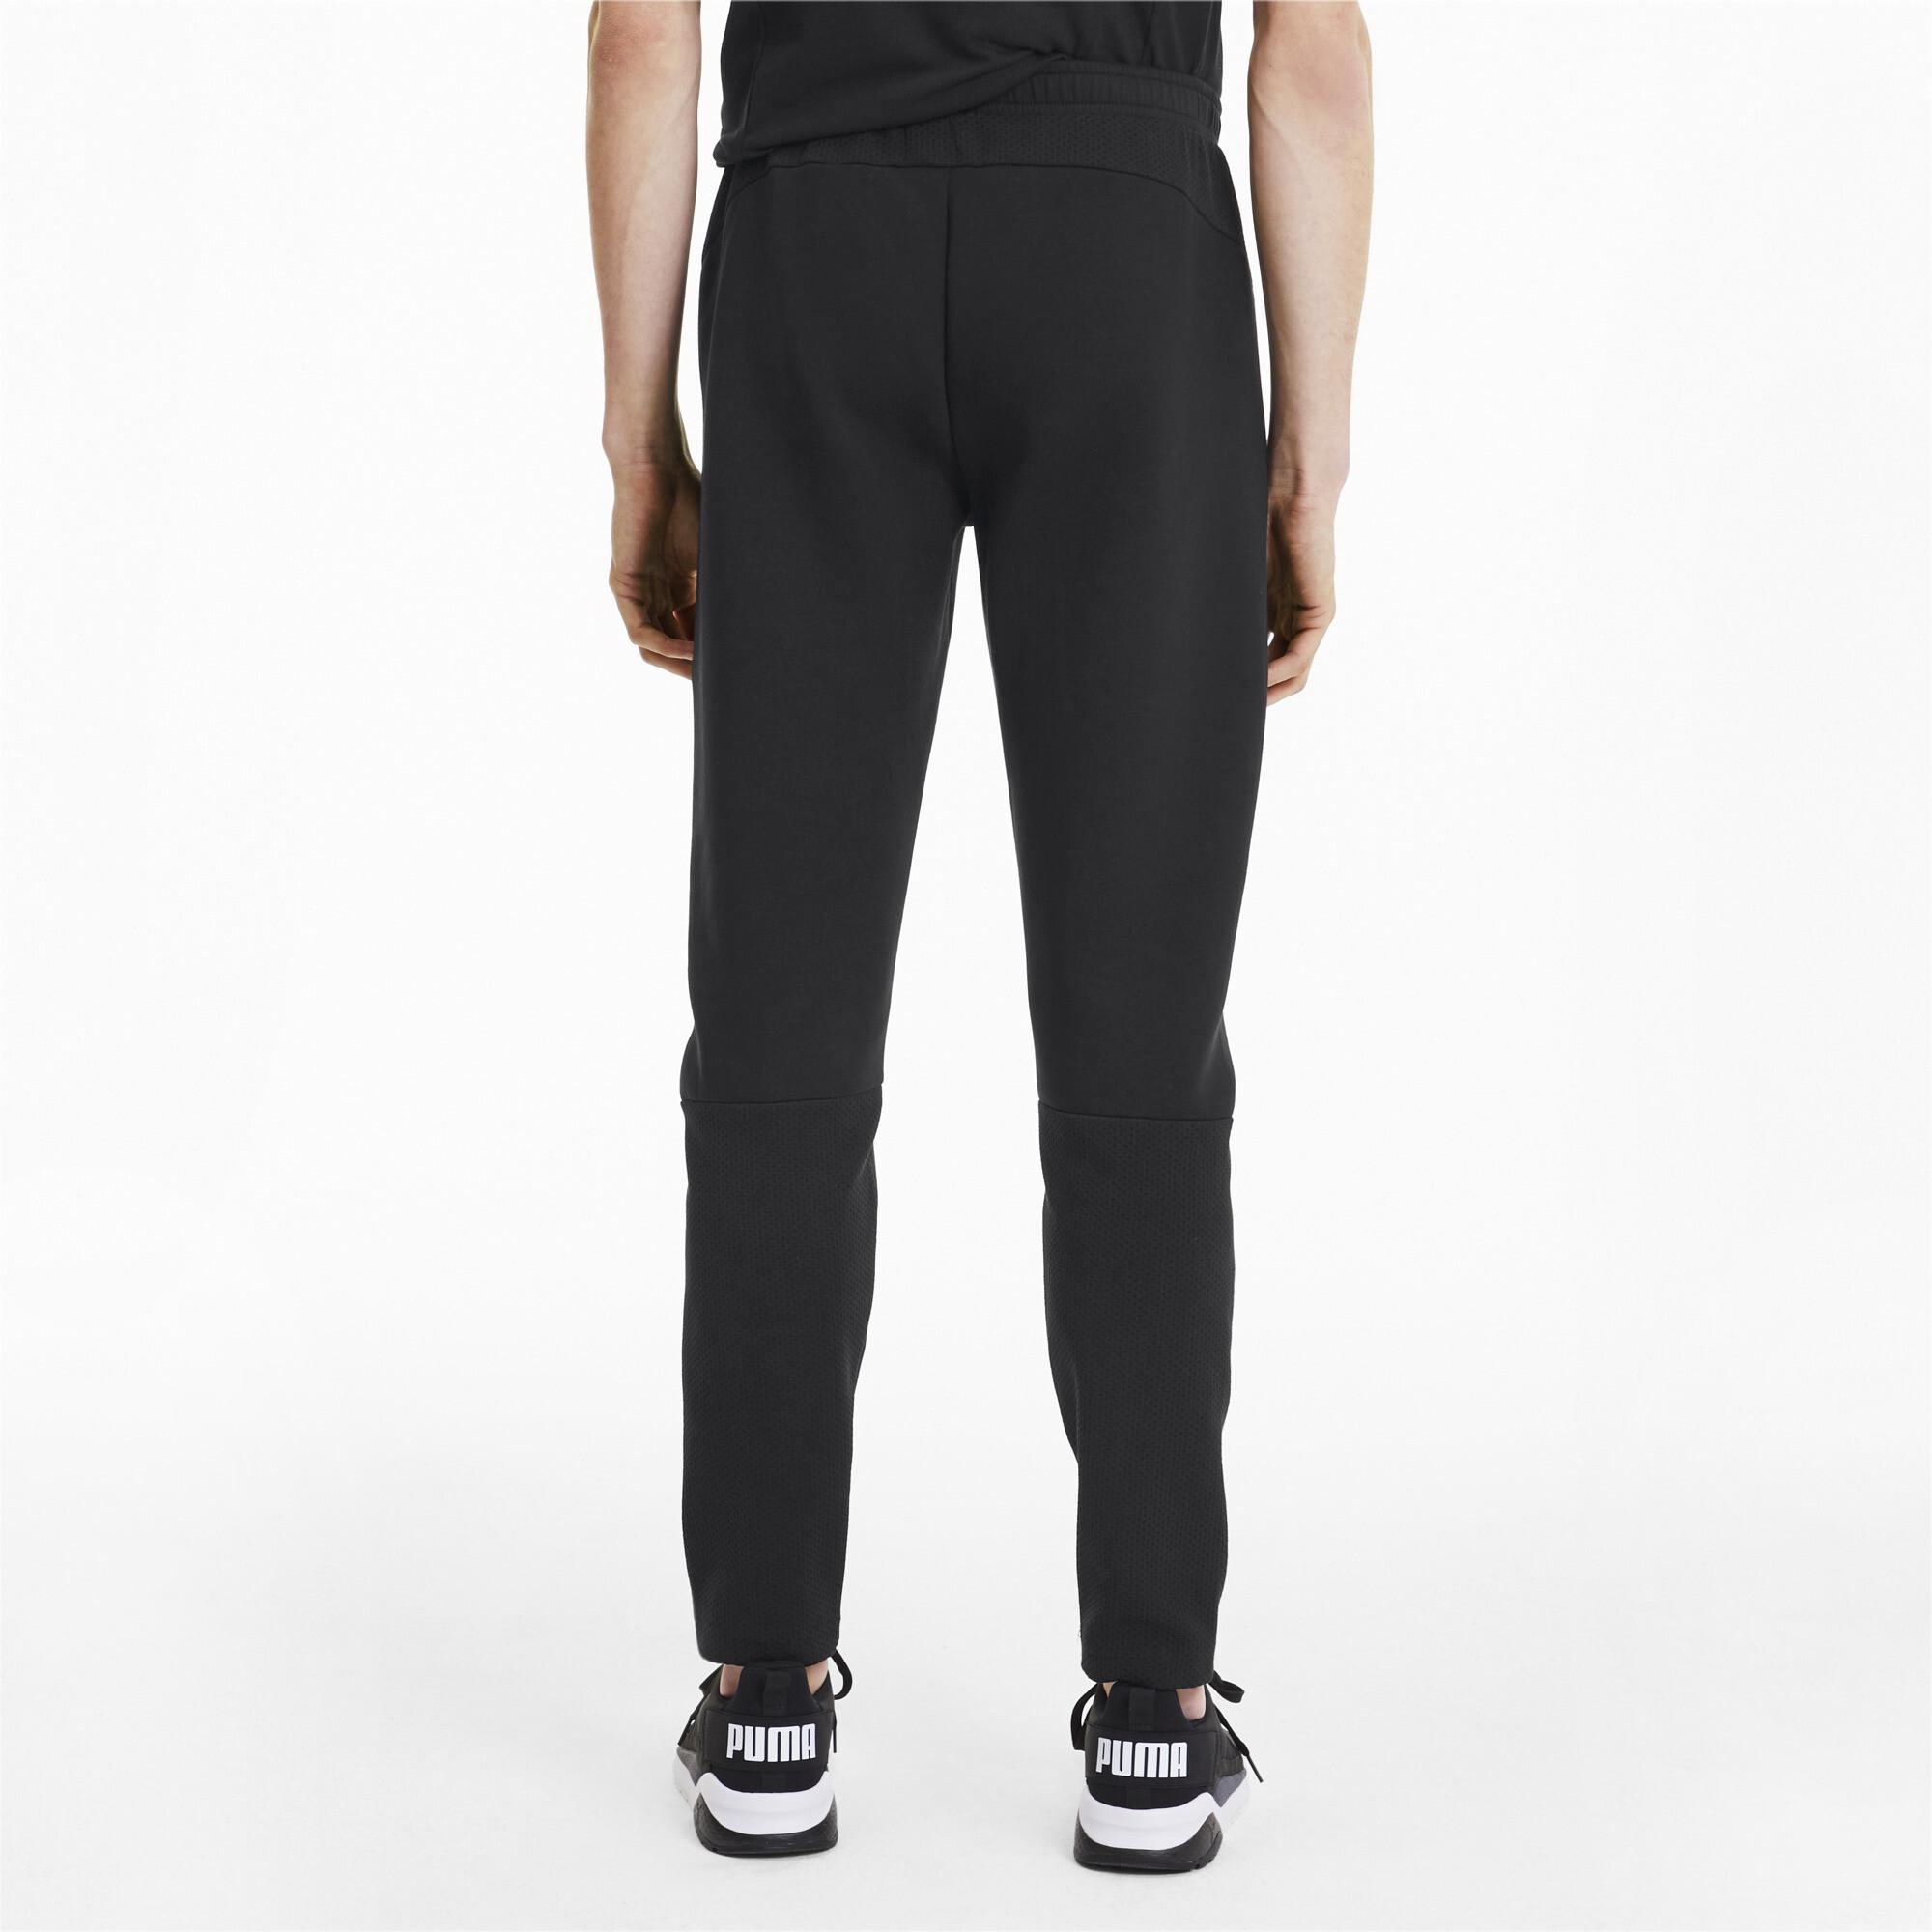 PUMA-Evostripe-Men-039-s-Sweatpants-Men-Knitted-Pants-Basics thumbnail 5